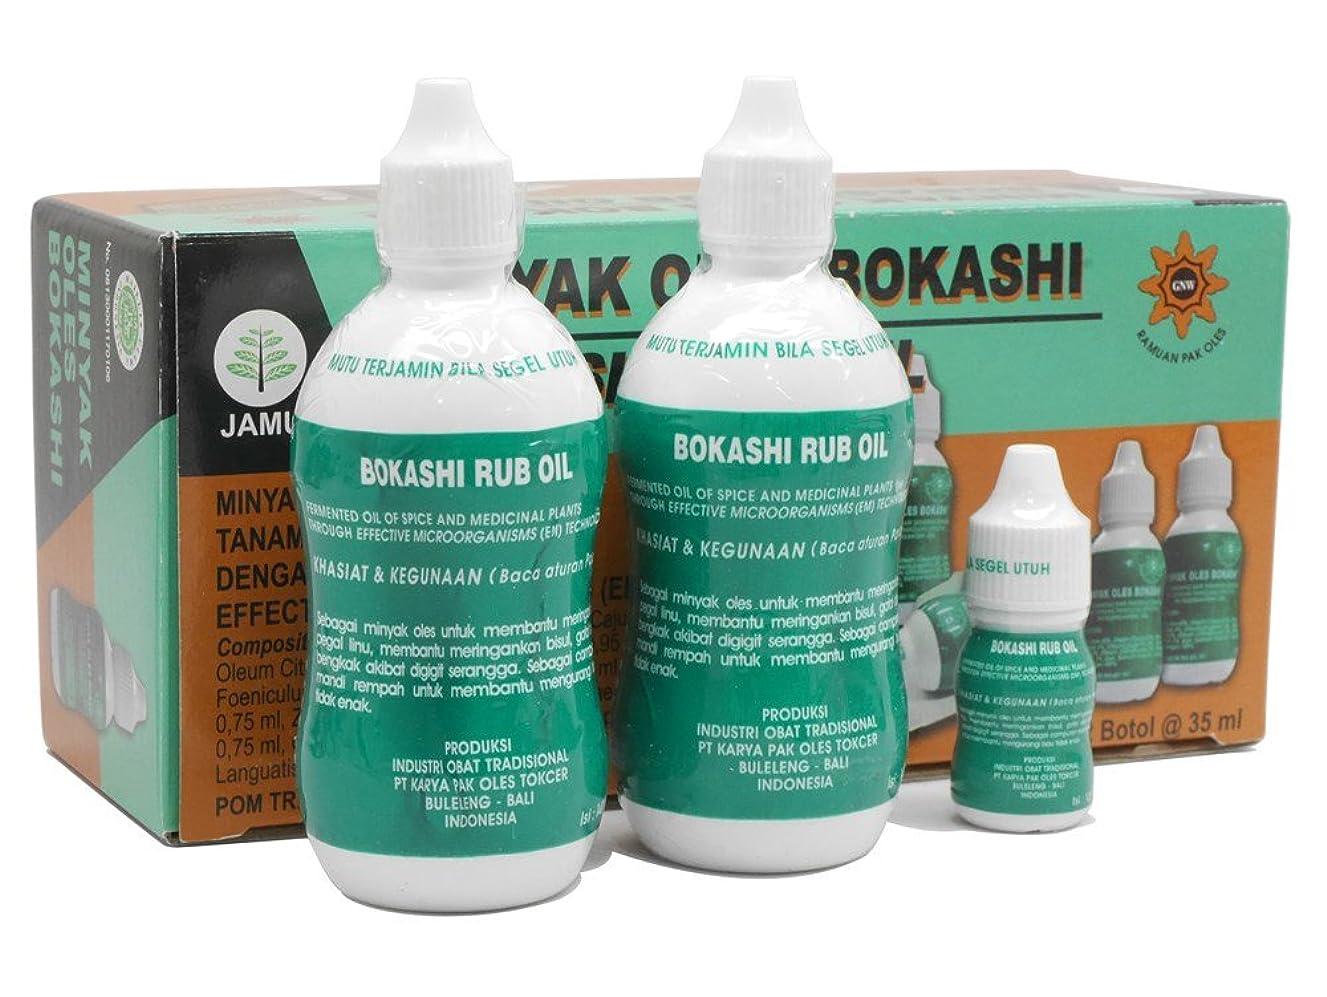 ビジネス成熟困惑するBOKASHI RUB OIL ボカシラブオイル 140ml (2本) 12ml (1本) 日本オリジナルモデル 日本正規代理店